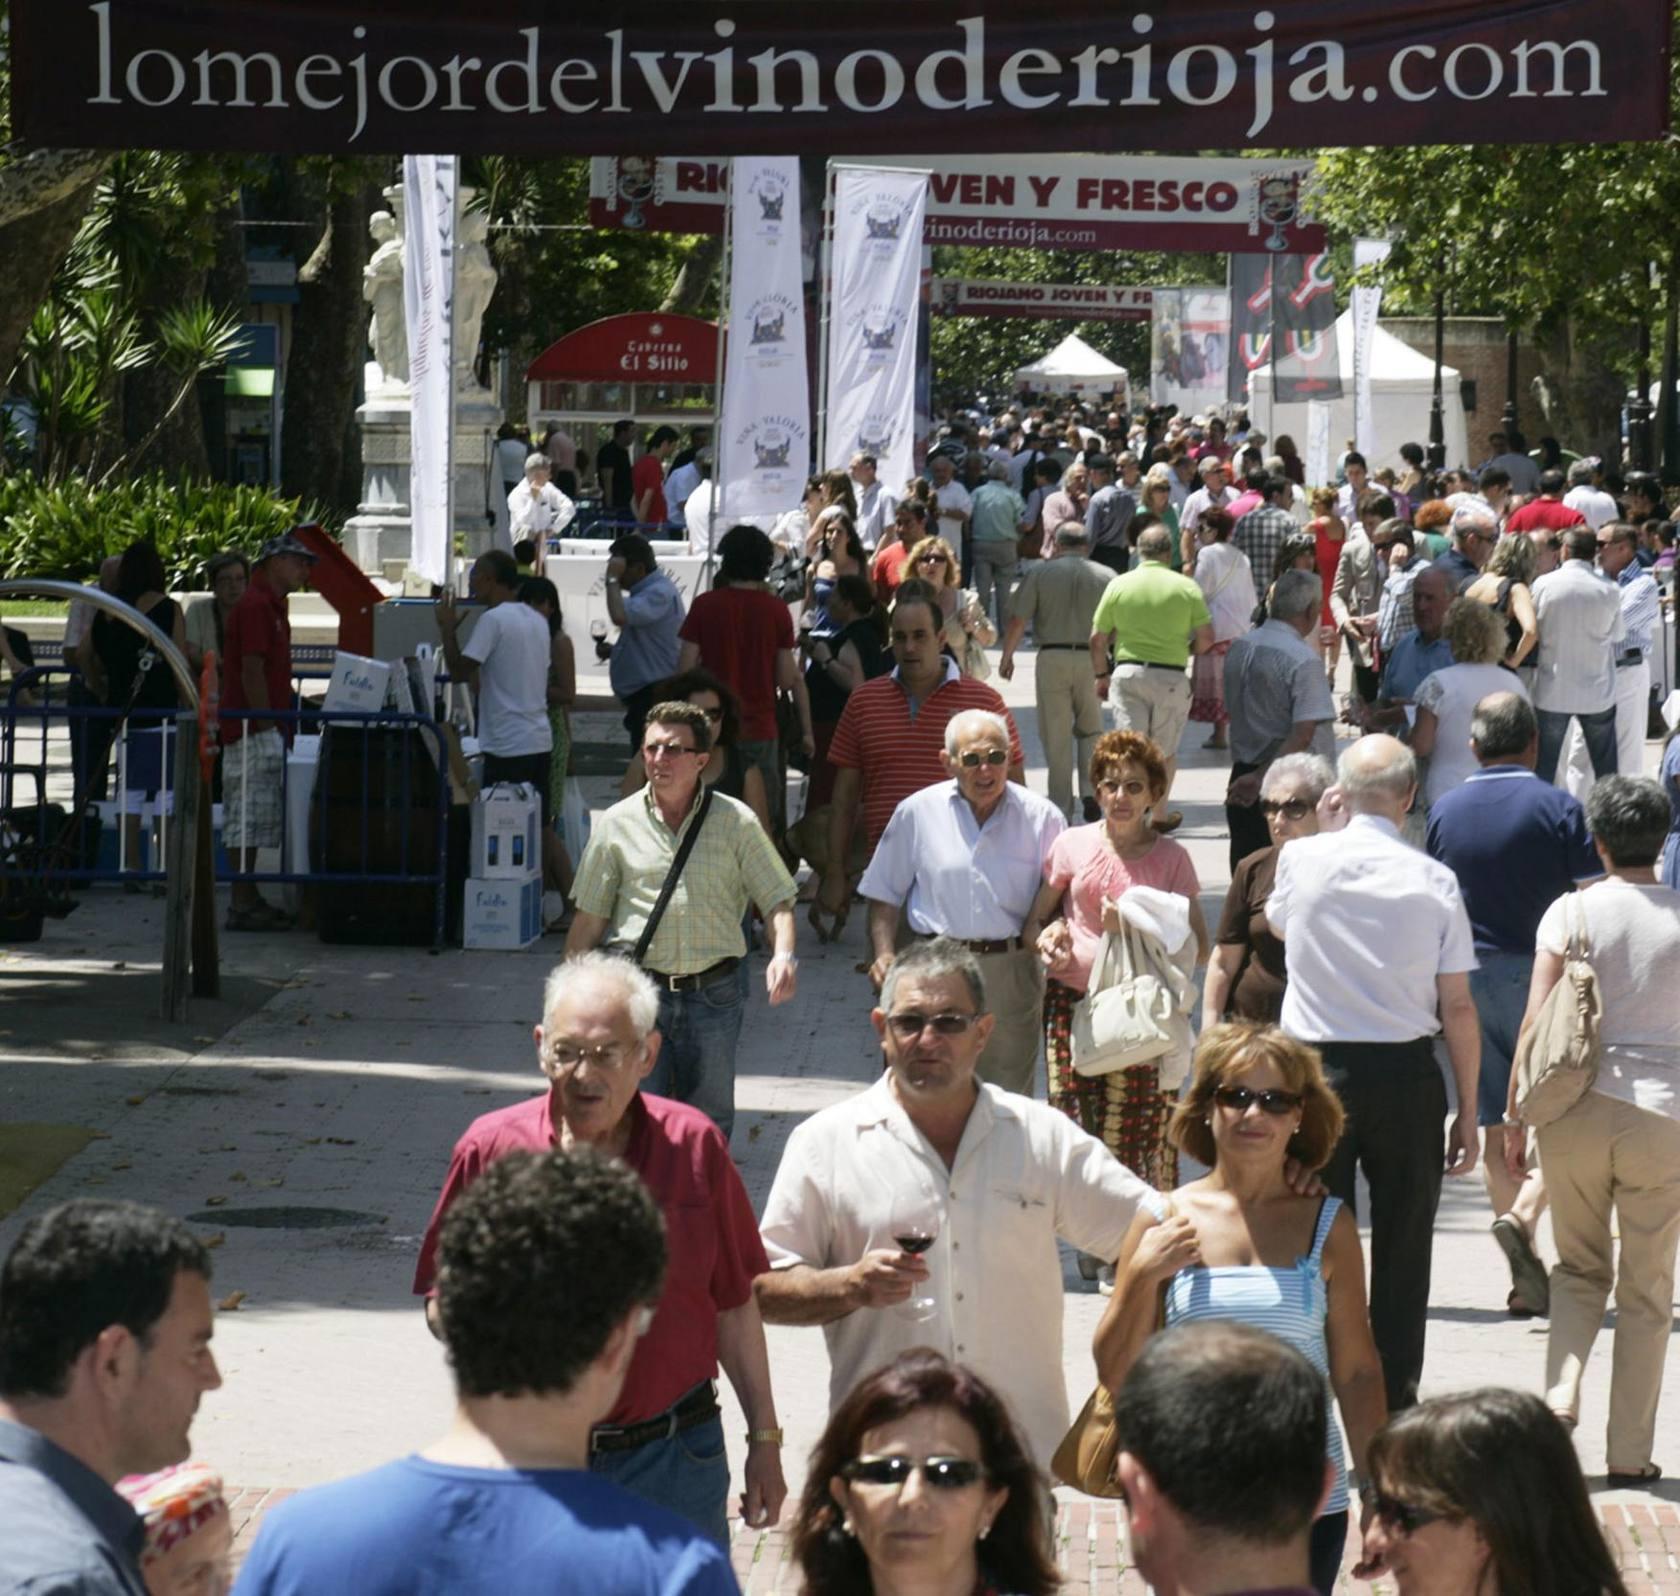 Riojano Joven y Fresco Santander